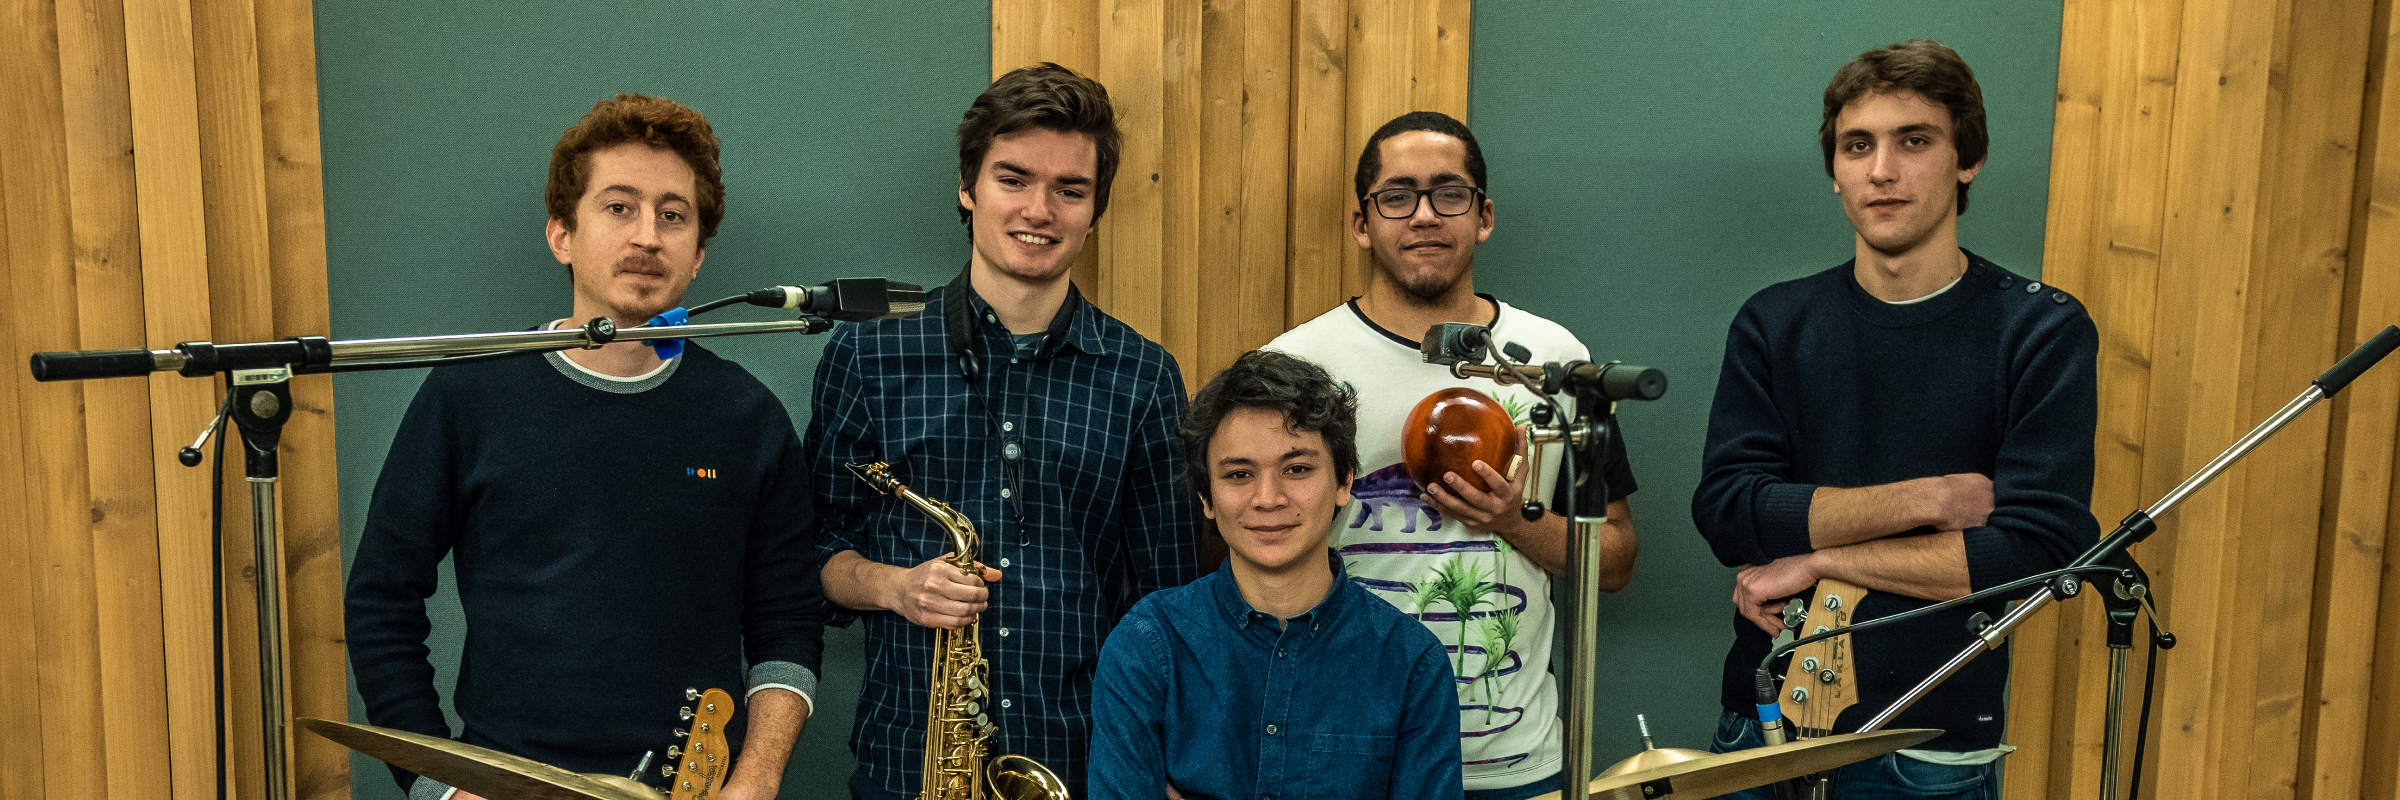 Arlet Feuillard (trio-quintet-septet), groupe de musique Pianiste en représentation à Paris - photo de couverture n° 5